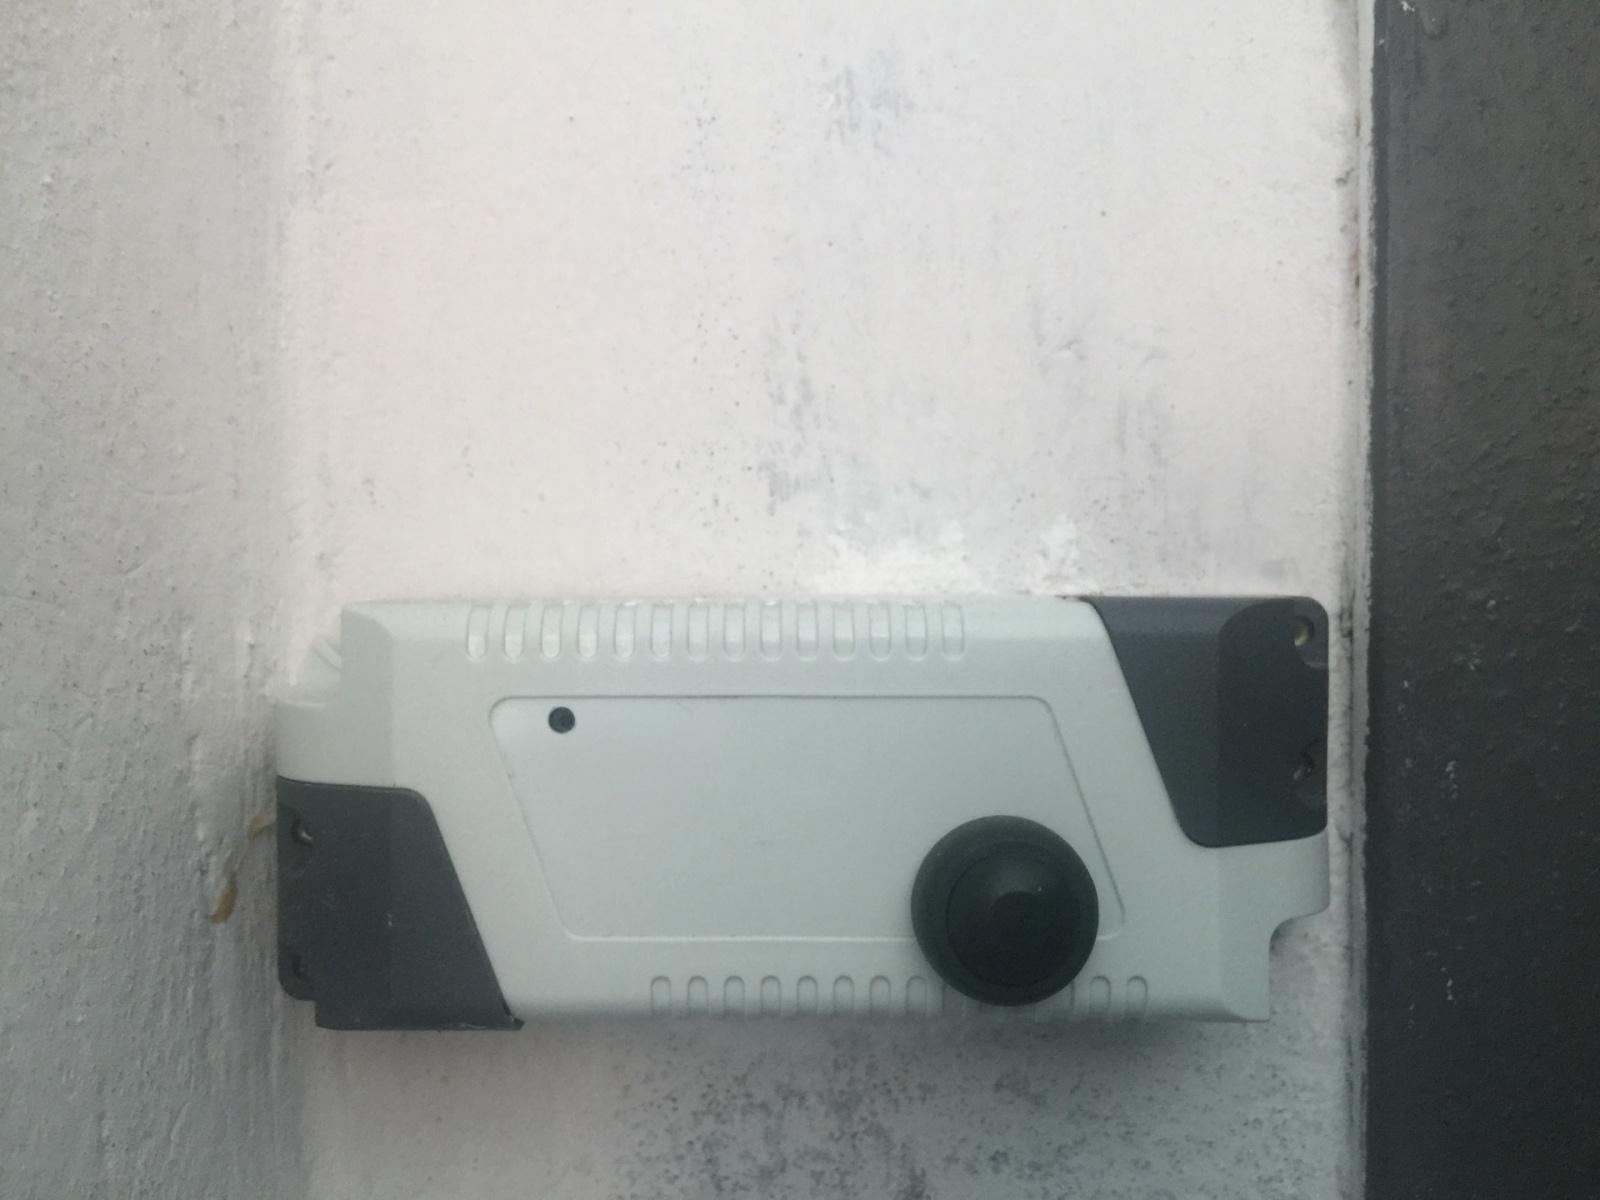 Система ограниченного доступа и видеонаблюдения на Raspberry PI - 10